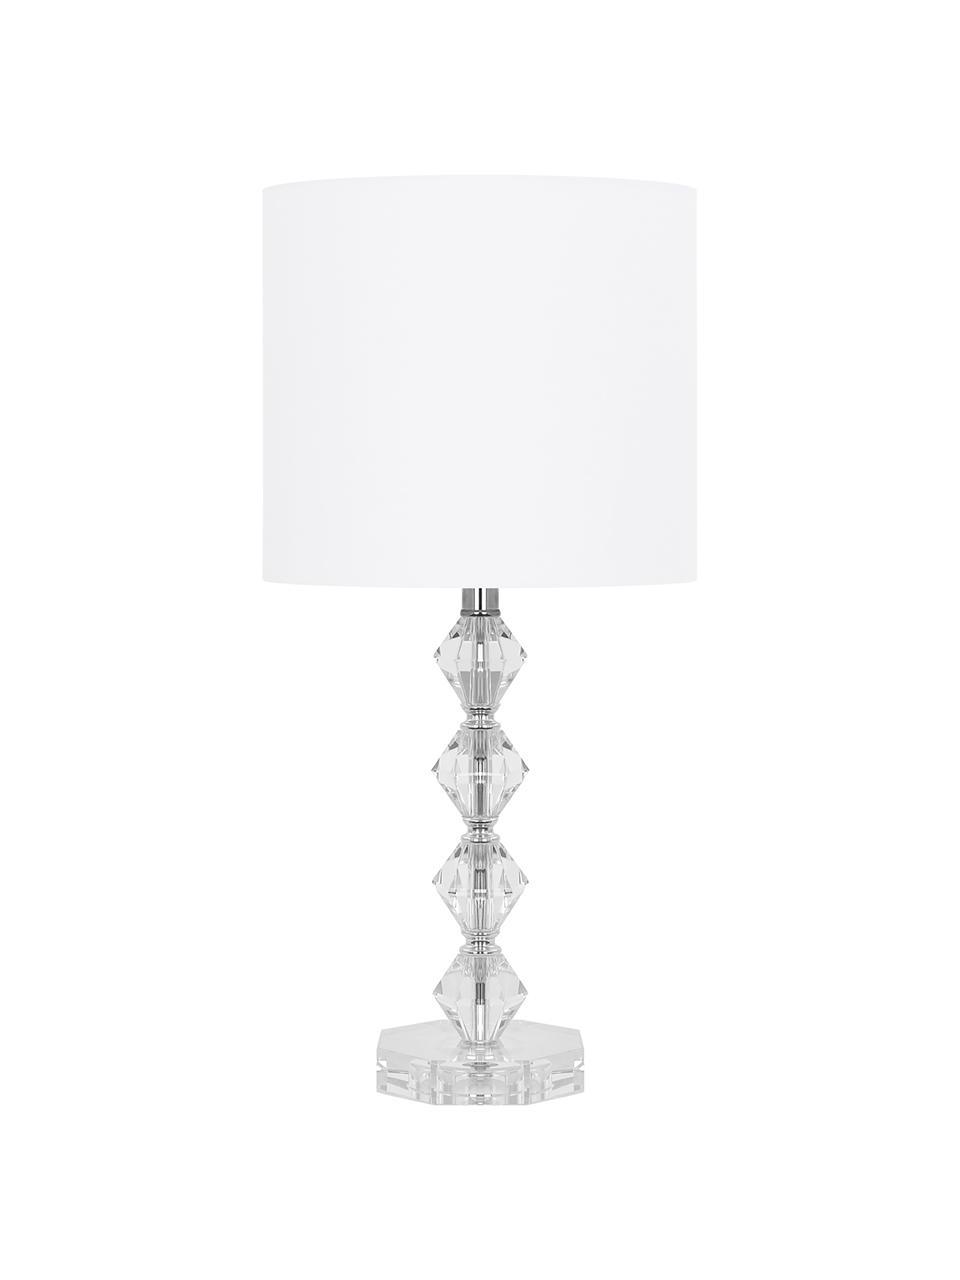 Große Tischlampe Diamond aus Kristallglas, Lampenschirm: Textil, Lampenfuß: Kristallglas, Lampenschirm: Weiß, Lampenfuß: Transparent, Kabel: Weiß, Ø 25 x H 53 cm